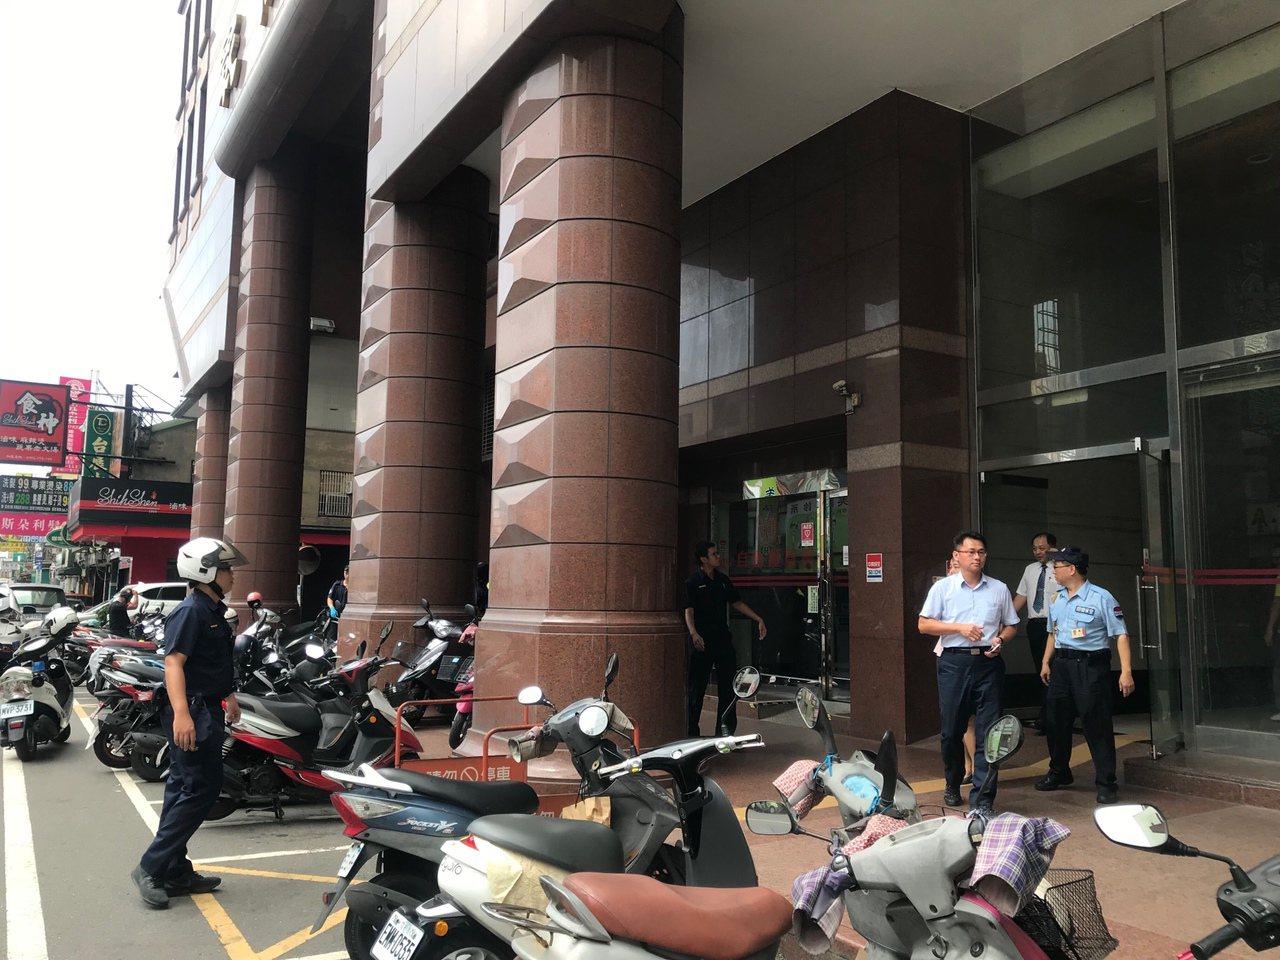 彰化市六信銀行今天中午發生搶案,一名男子持槍闖入銀行櫃台喊「搶刼」,警方據報圍捕...